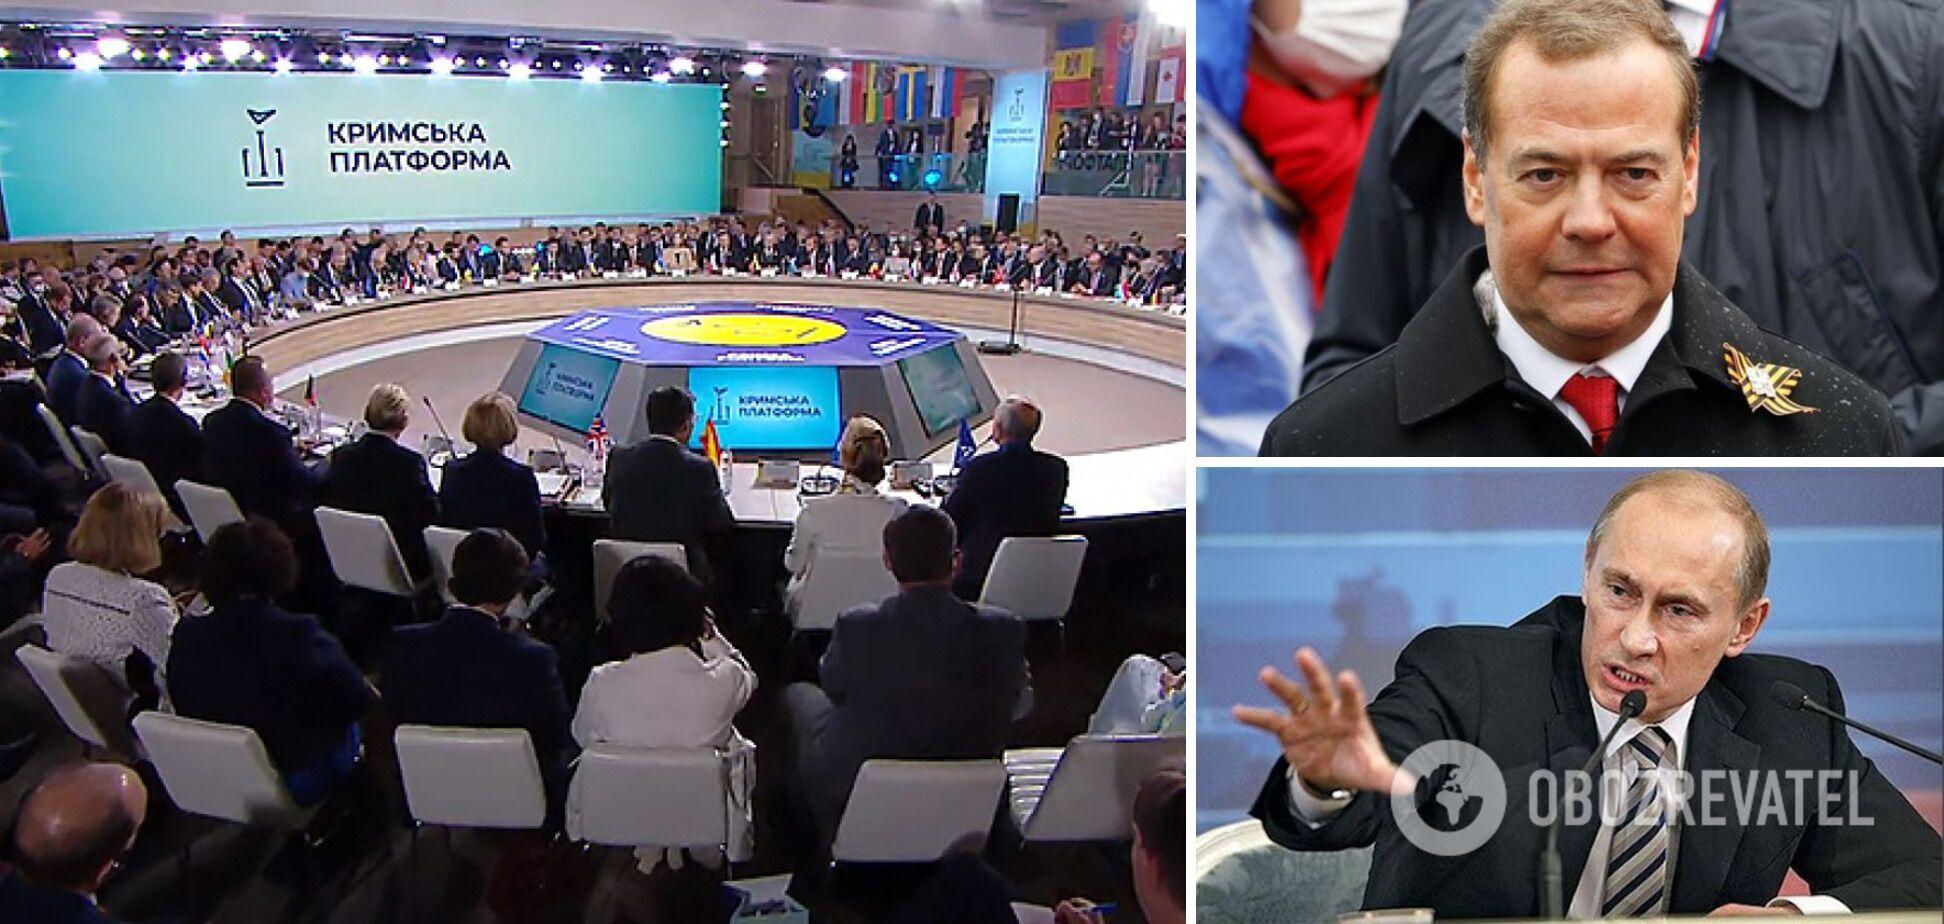 Медведєв, 'Кримська платформа' і доля злодіїв міжнародного масштабу